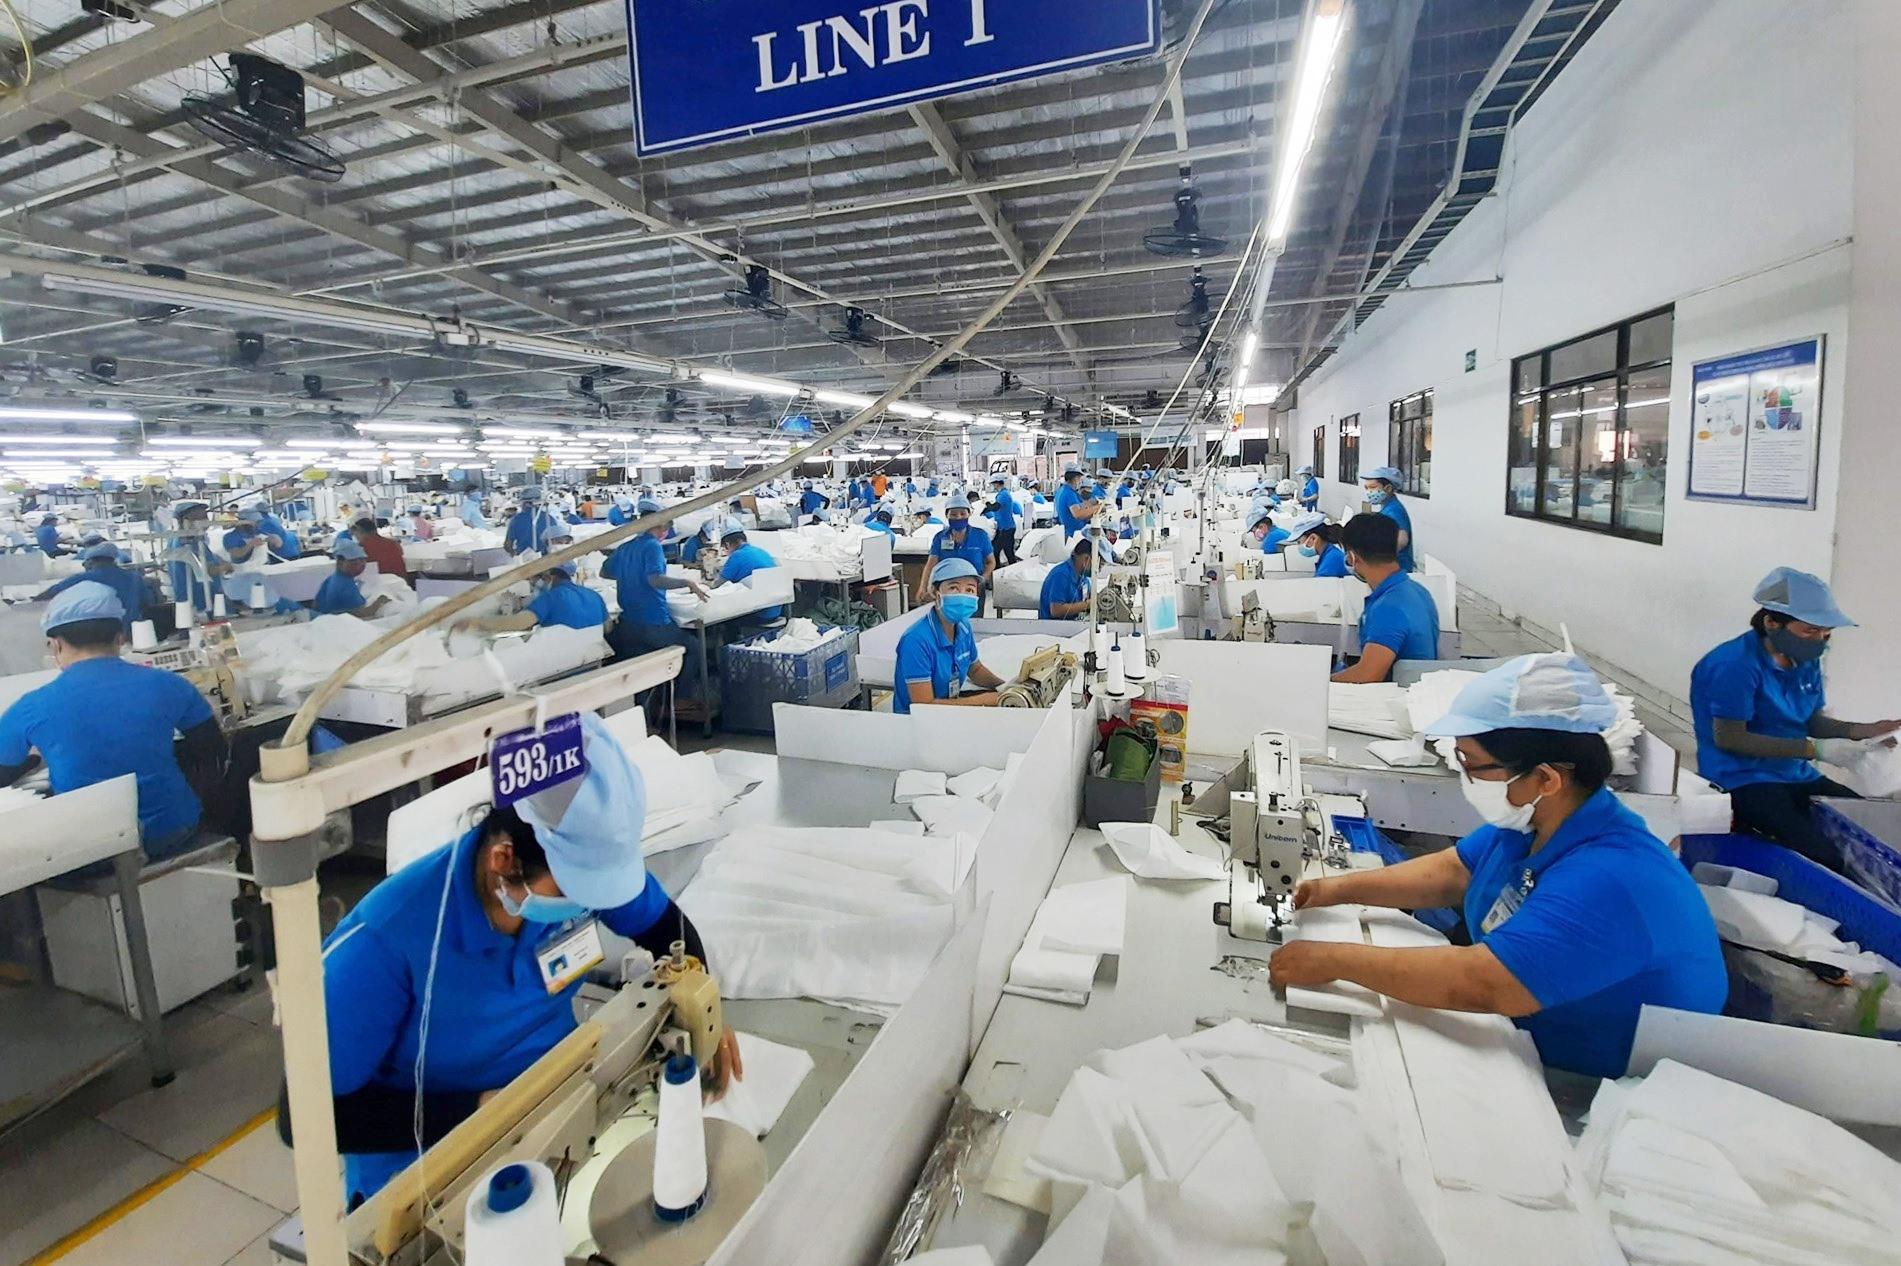 Các doanh nghiệp sẽ bố trí phương án sản xuất hợp lý để tạo điều kiện cho công nhân đi bầu cử. Ảnh: H.Đ